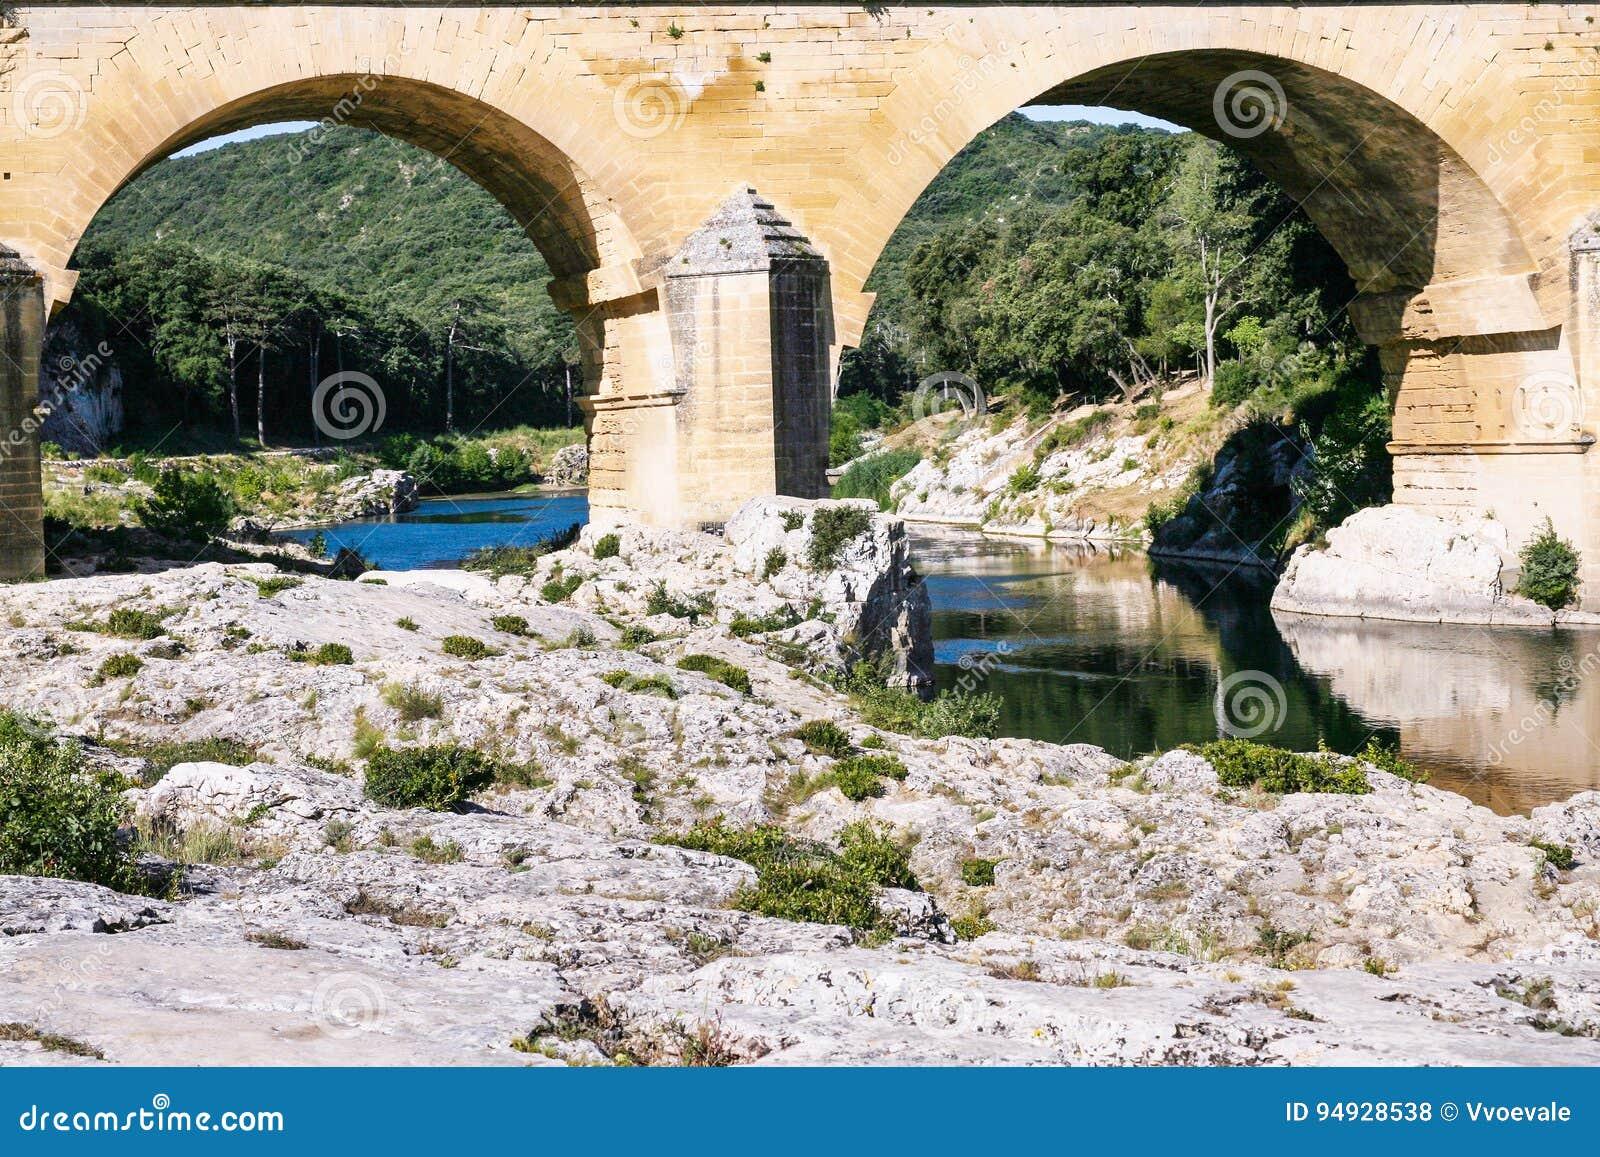 Ayudas del acueducto romano antiguo Pont du Gard